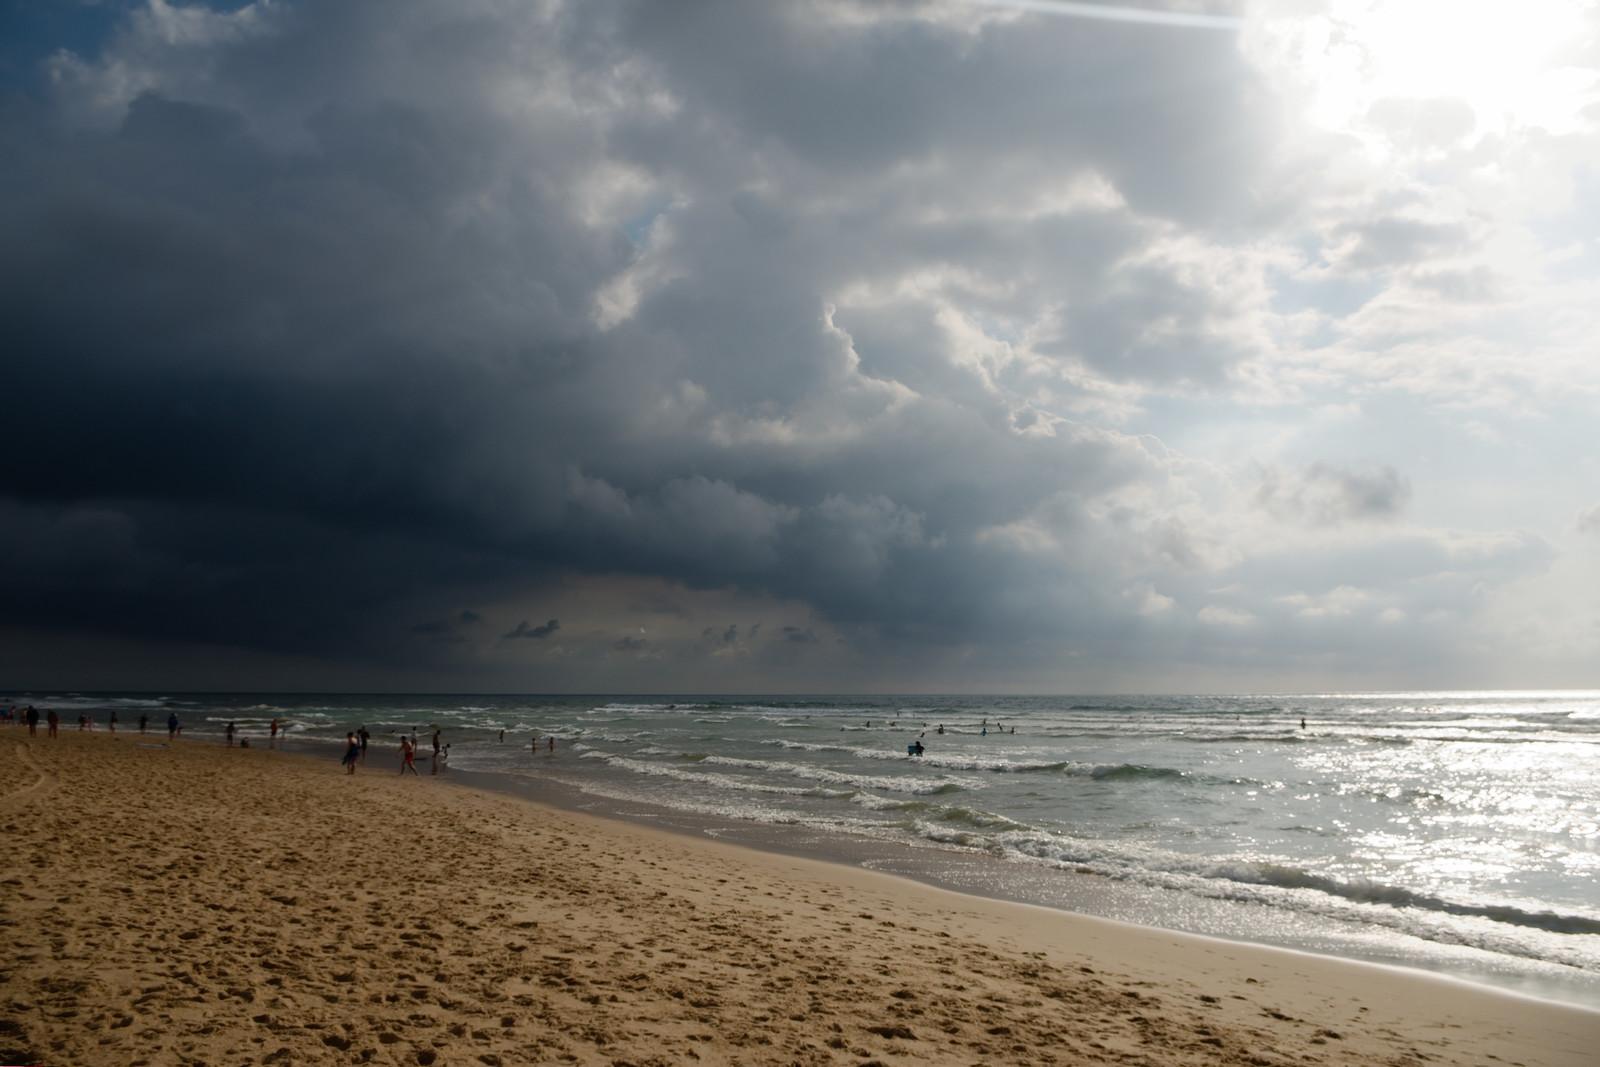 Ciel contrasté sur la plage de Vieux-Boucau-les-Bains